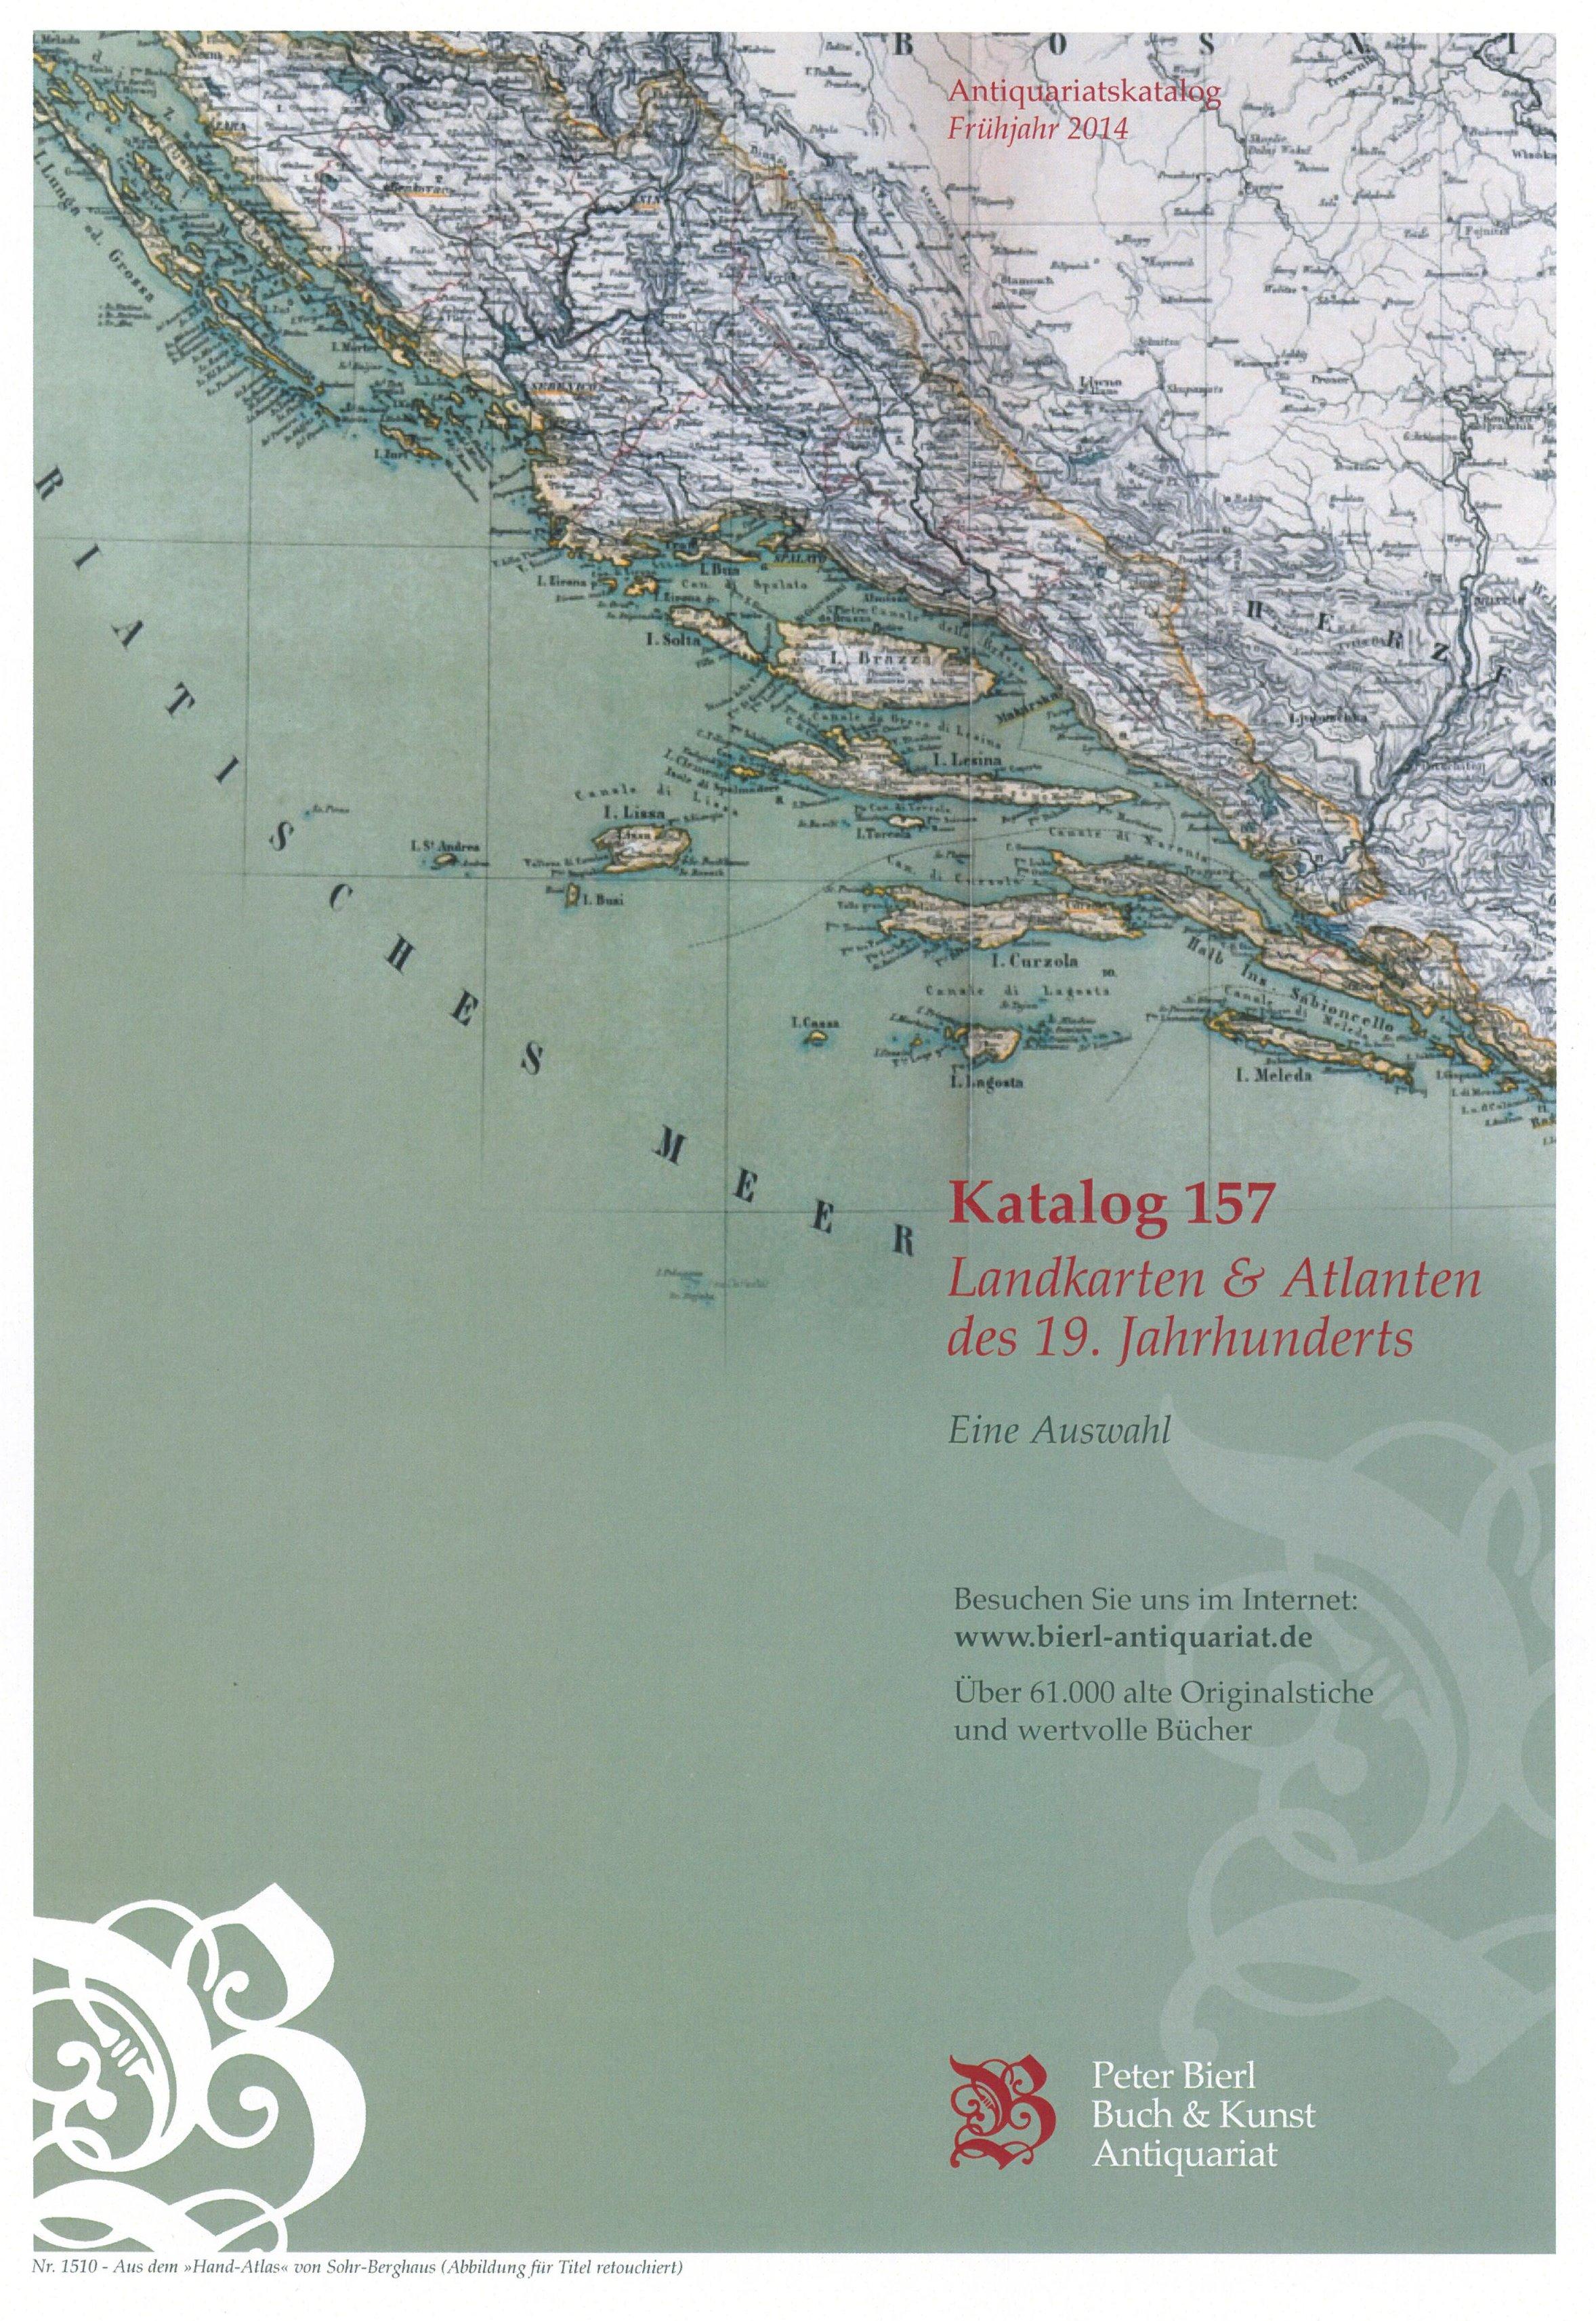 Katalog 157